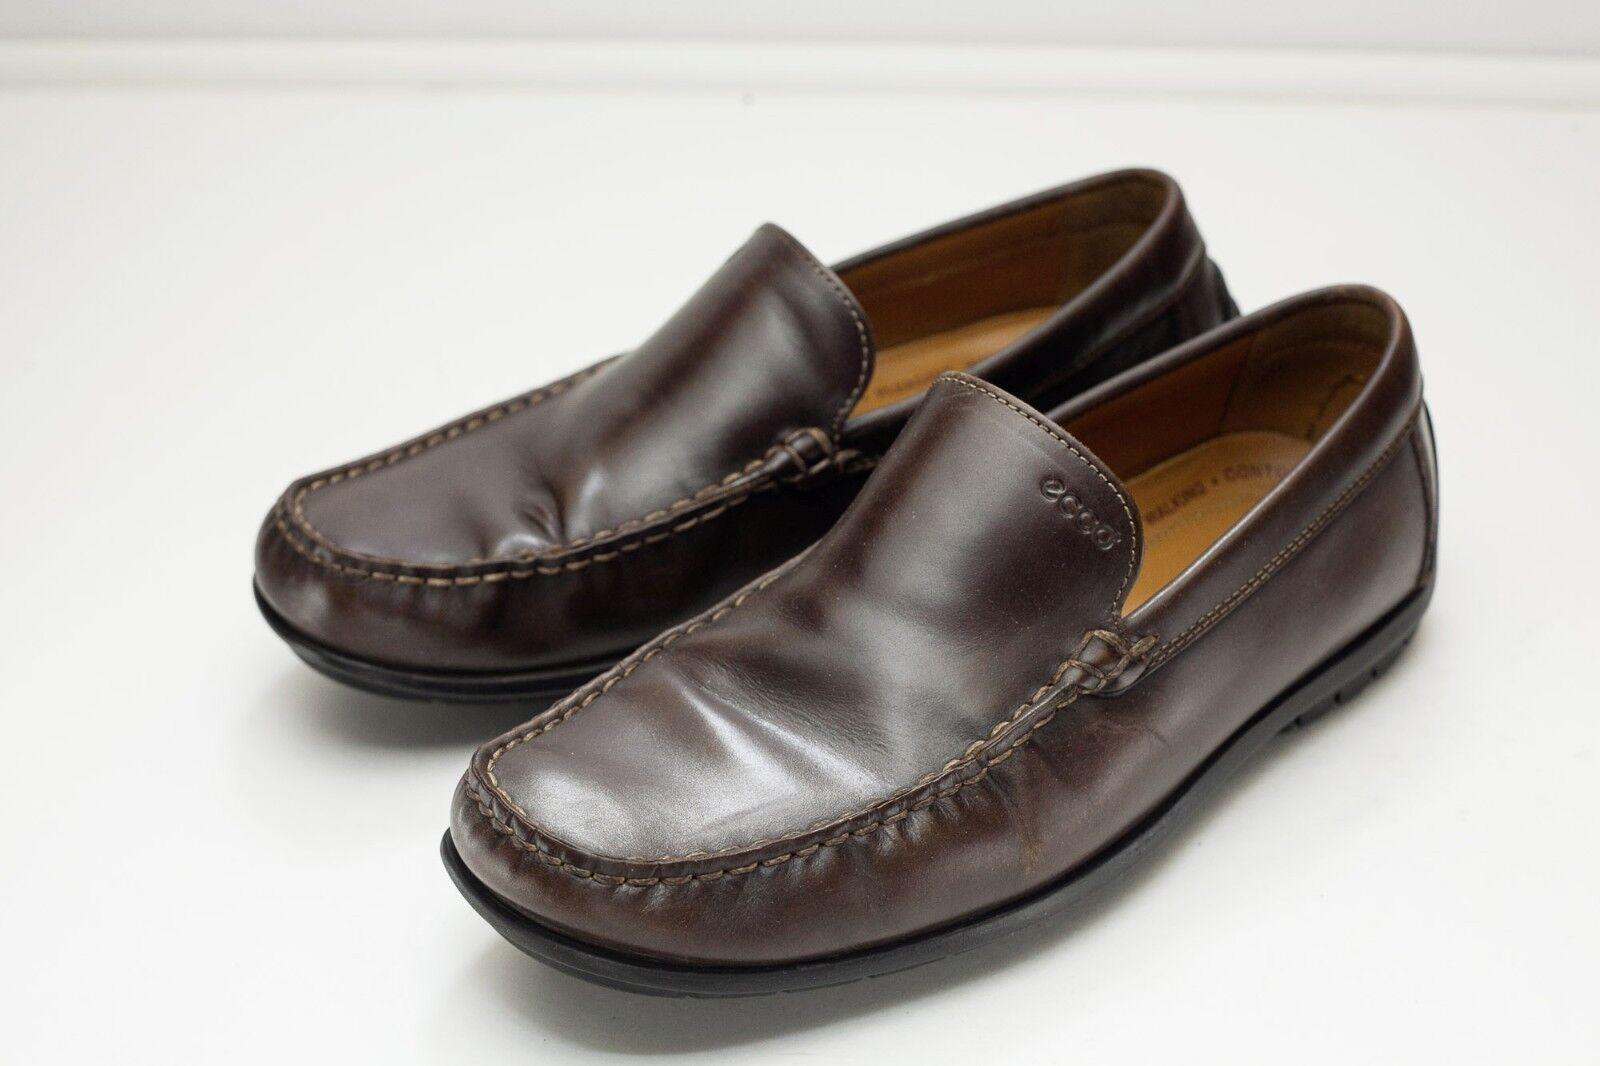 ECCO 7 7.5 Brown Loafer Men's